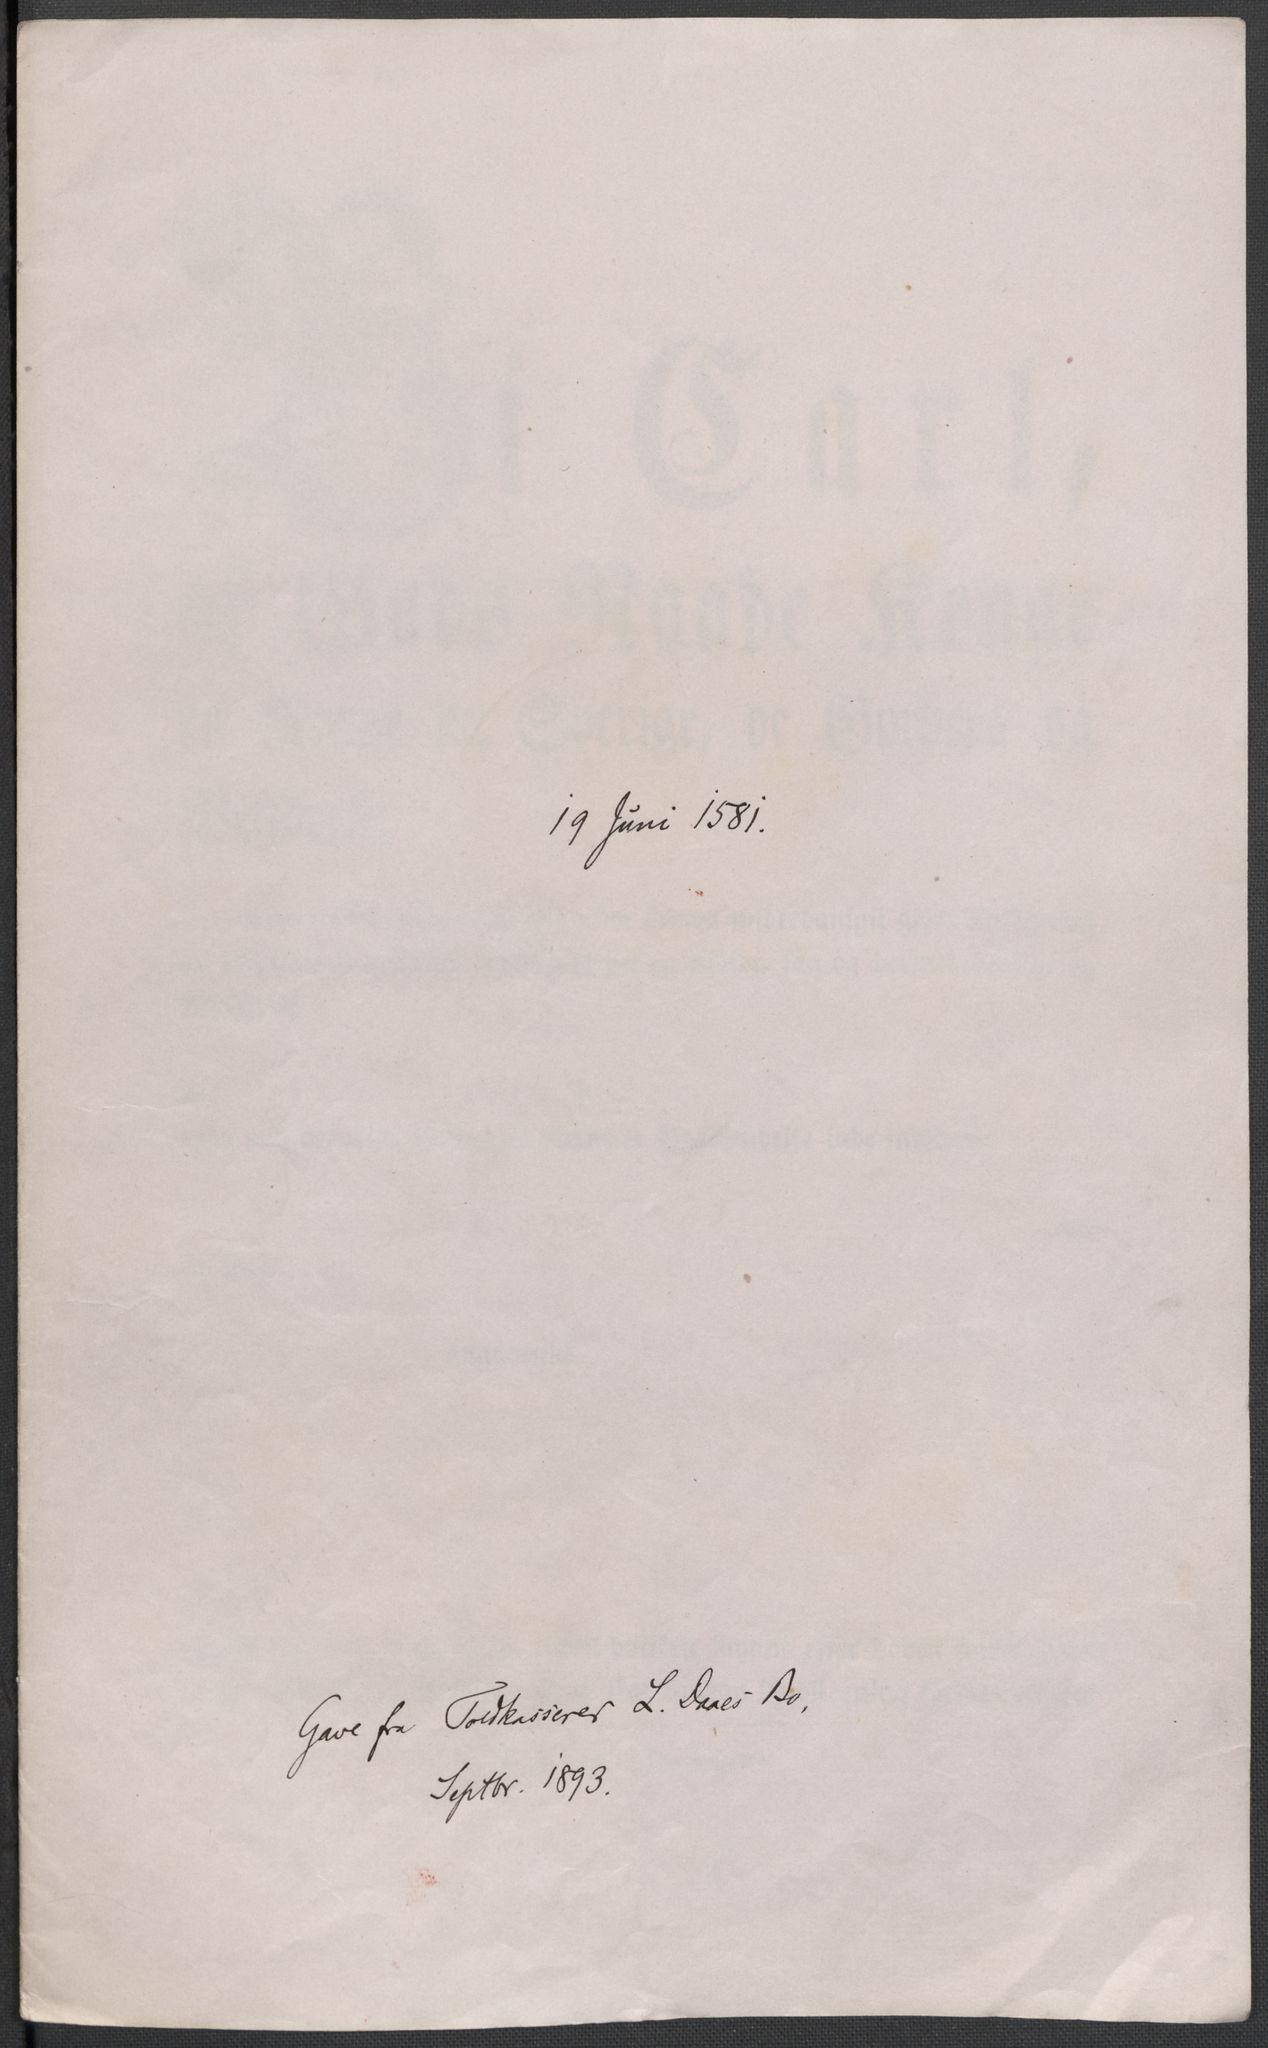 RA, Riksarkivets diplomsamling, F02/L0083: Dokumenter, 1581, s. 26